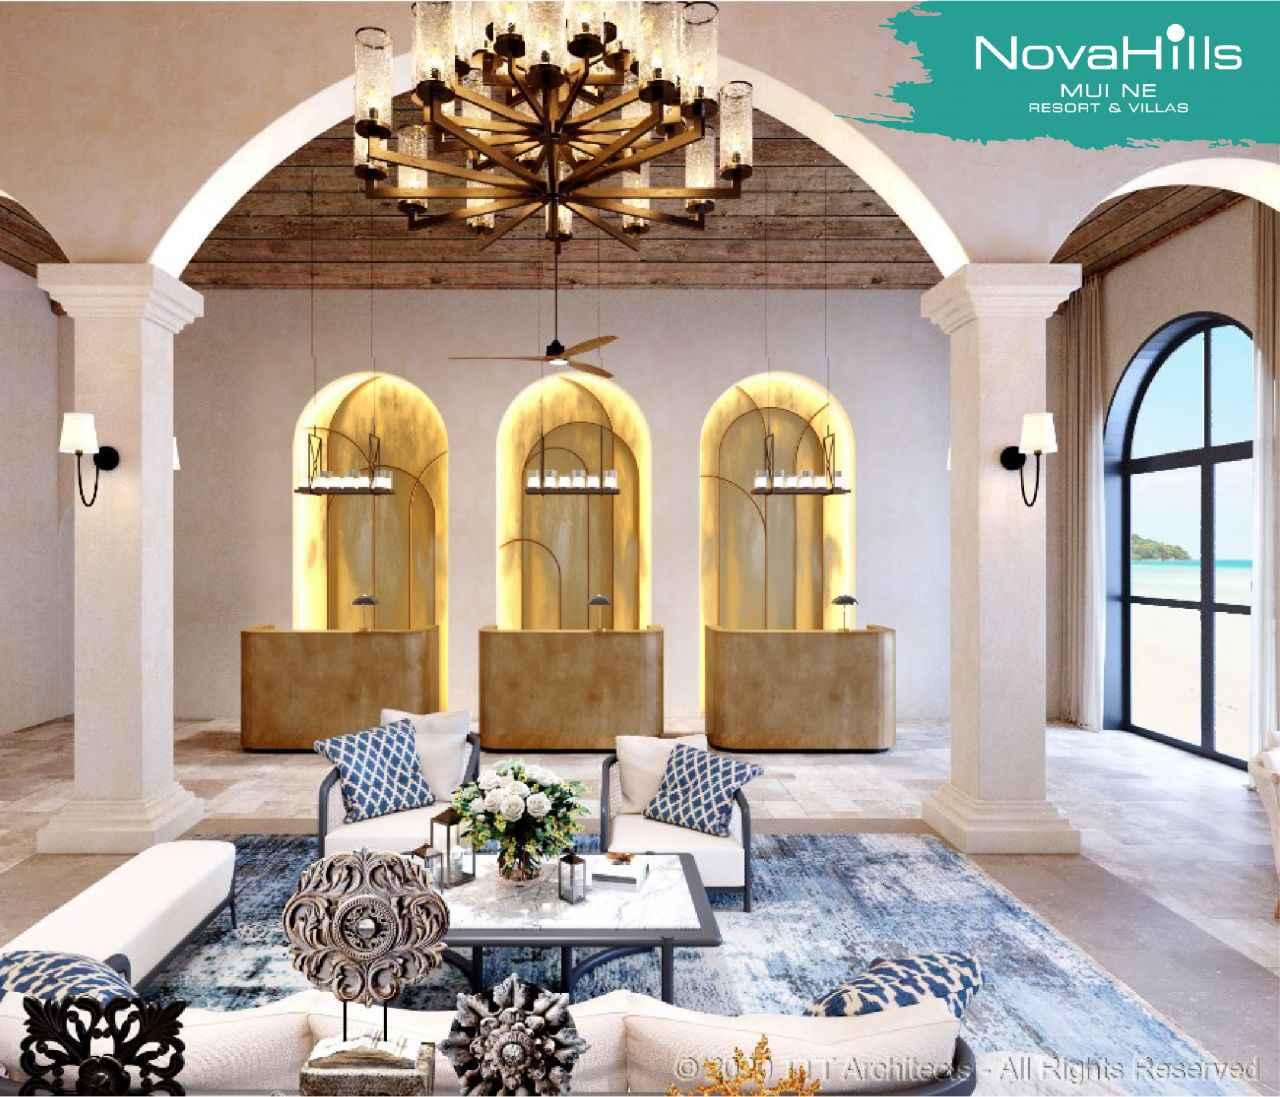 NovaHills Mũi Né: Tuyệt tác nghỉ dưỡng, Resort & Villas